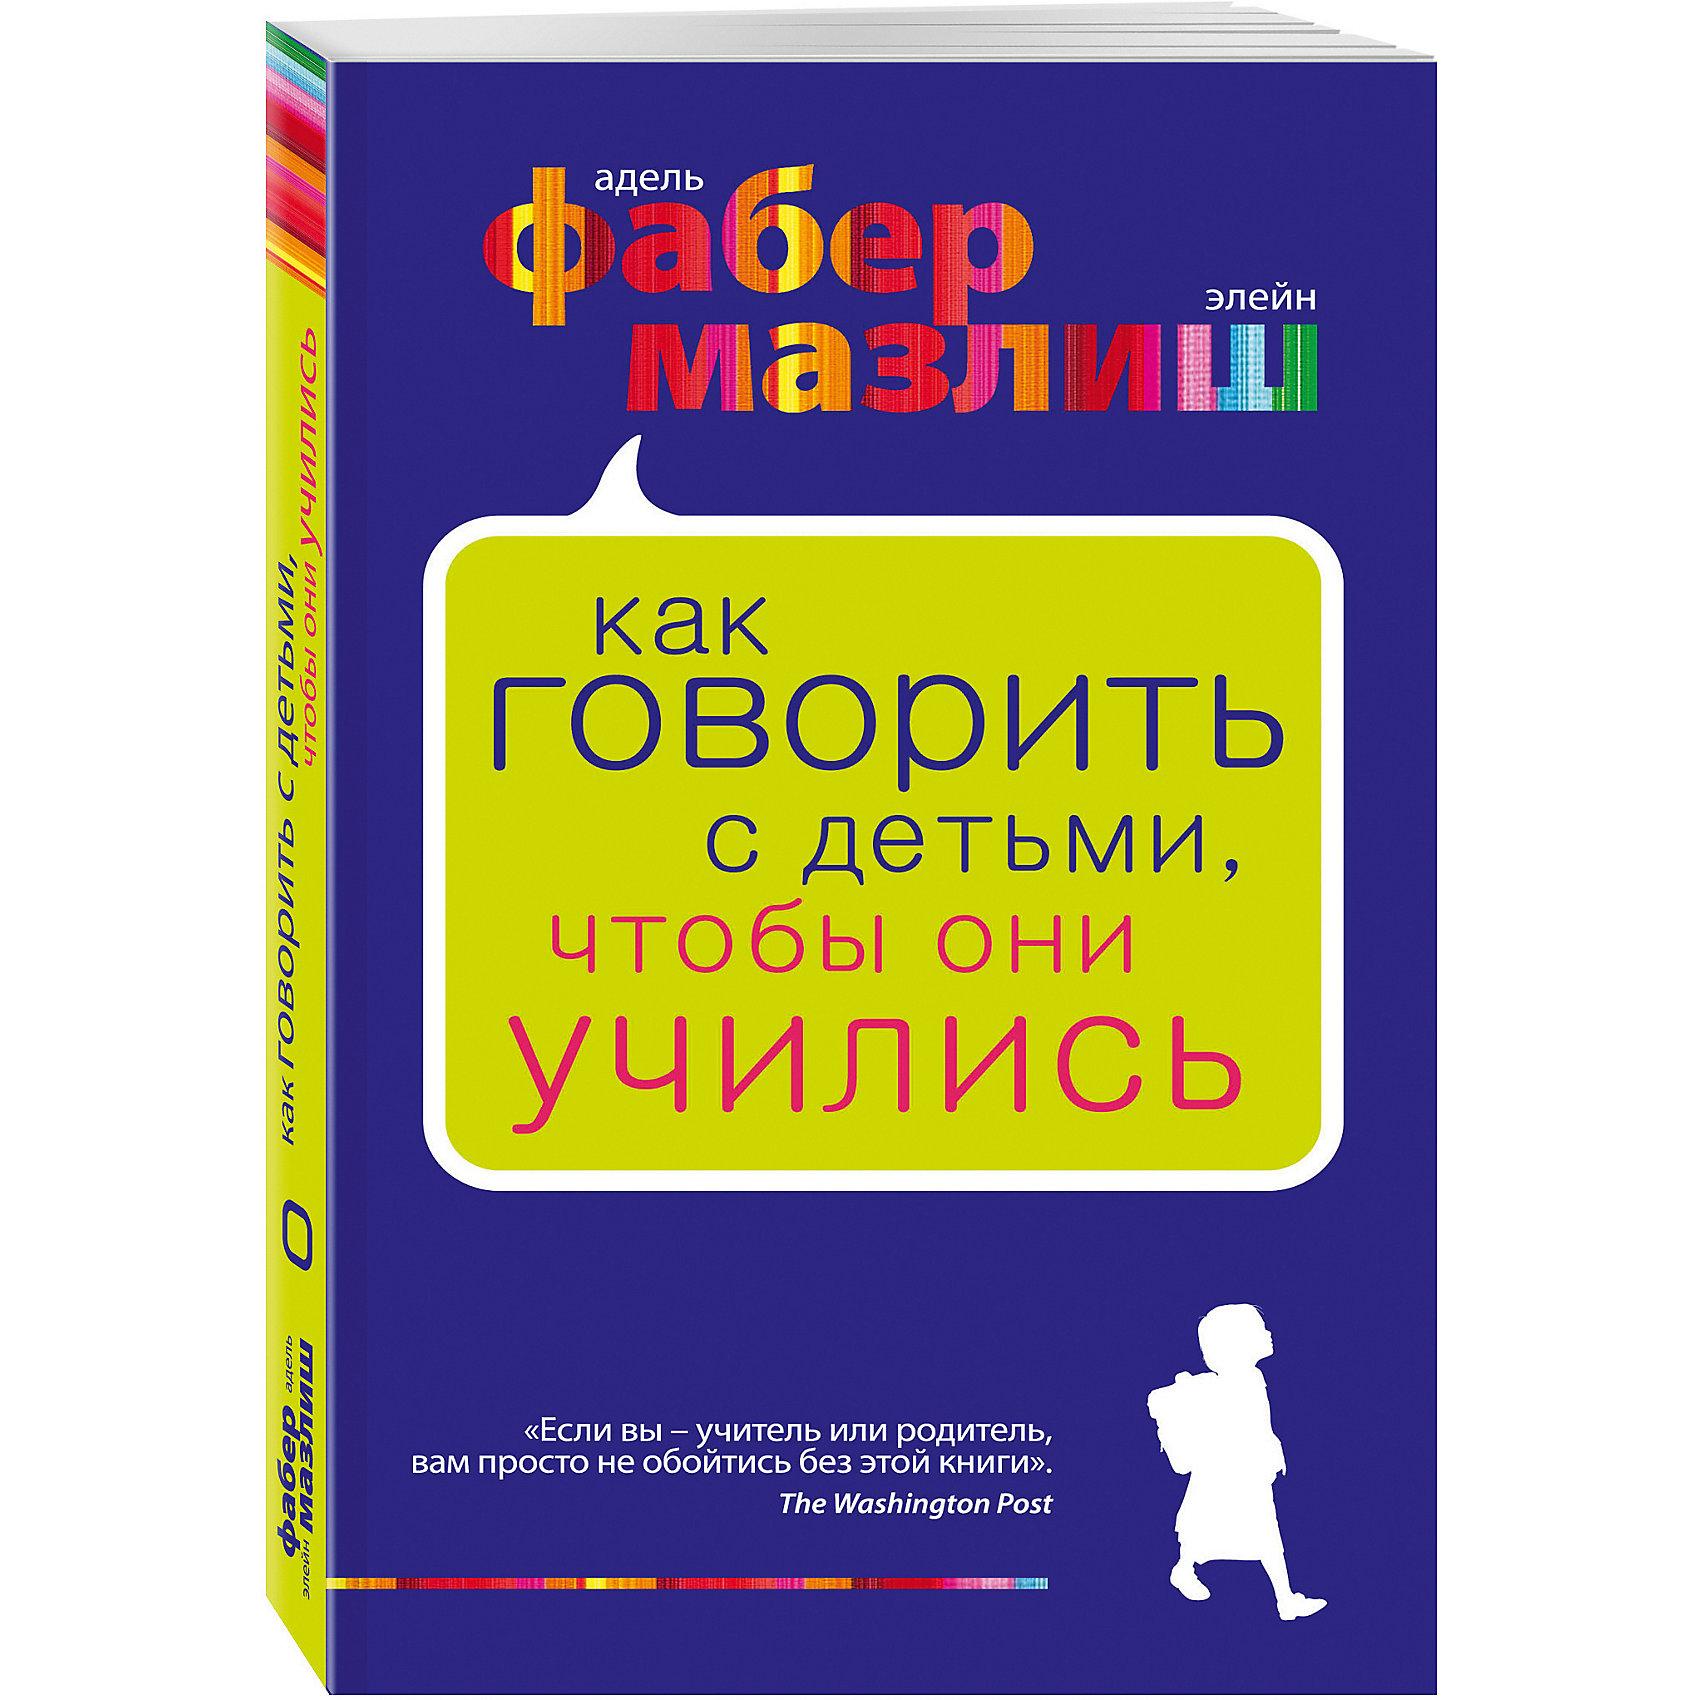 Эксмо Как говорить с детьми, чтобы они учились, Фабер Мазлиш фабер адель мазлиш элейн как говорить с детьми чтобы они учились переплет